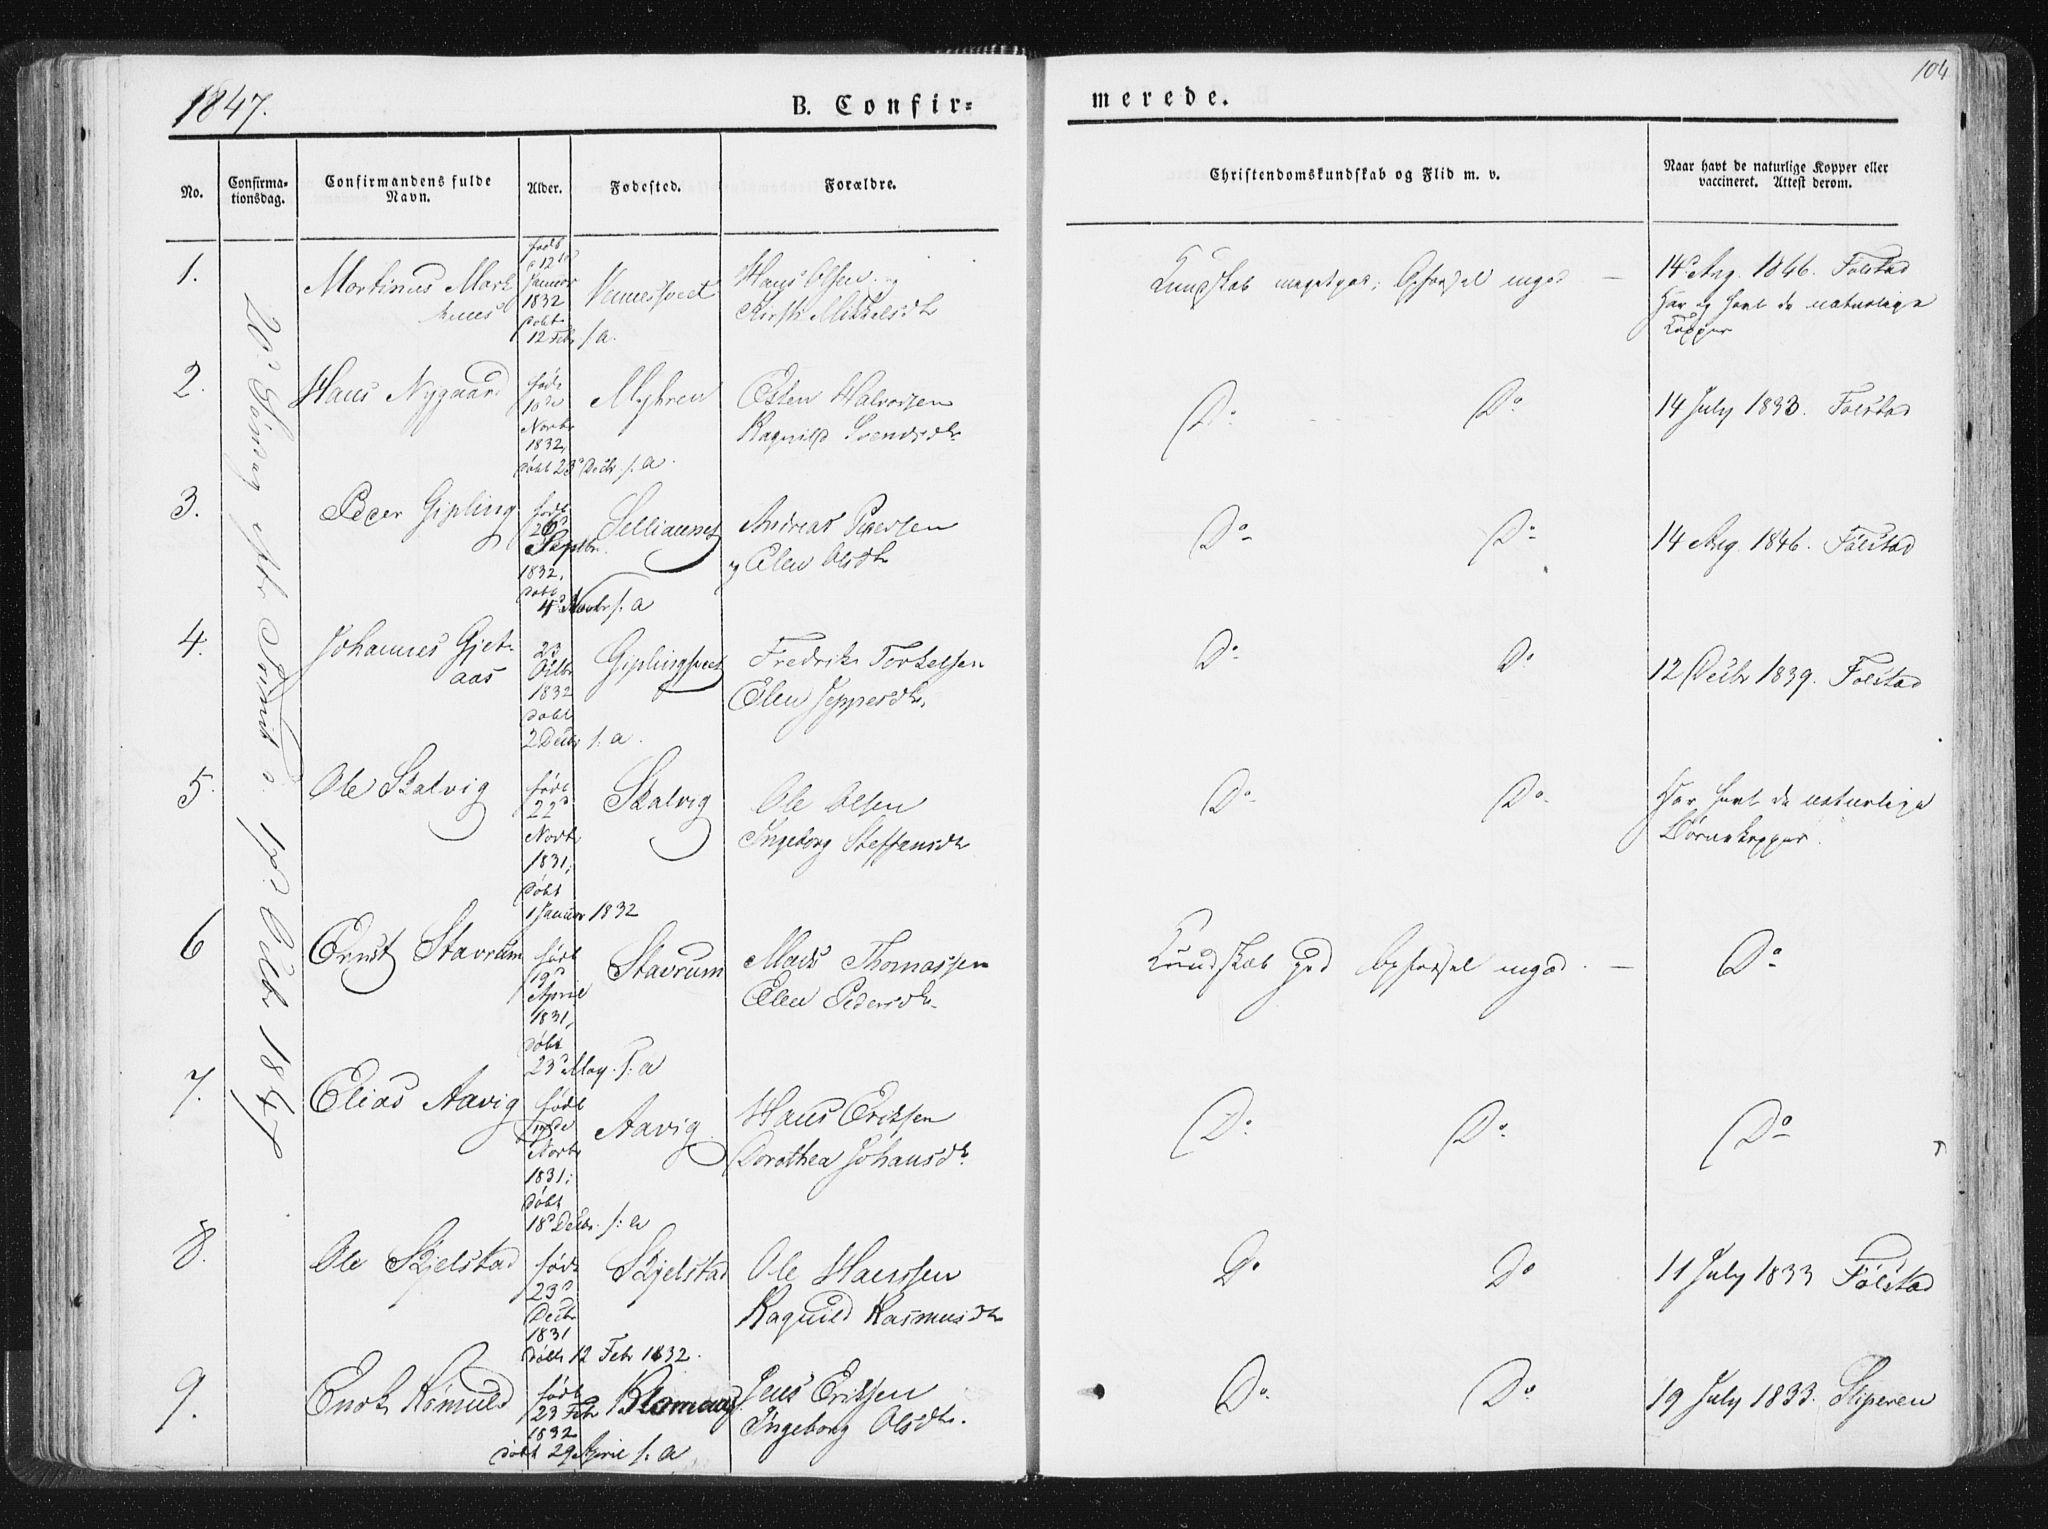 SAT, Ministerialprotokoller, klokkerbøker og fødselsregistre - Nord-Trøndelag, 744/L0418: Ministerialbok nr. 744A02, 1843-1866, s. 104